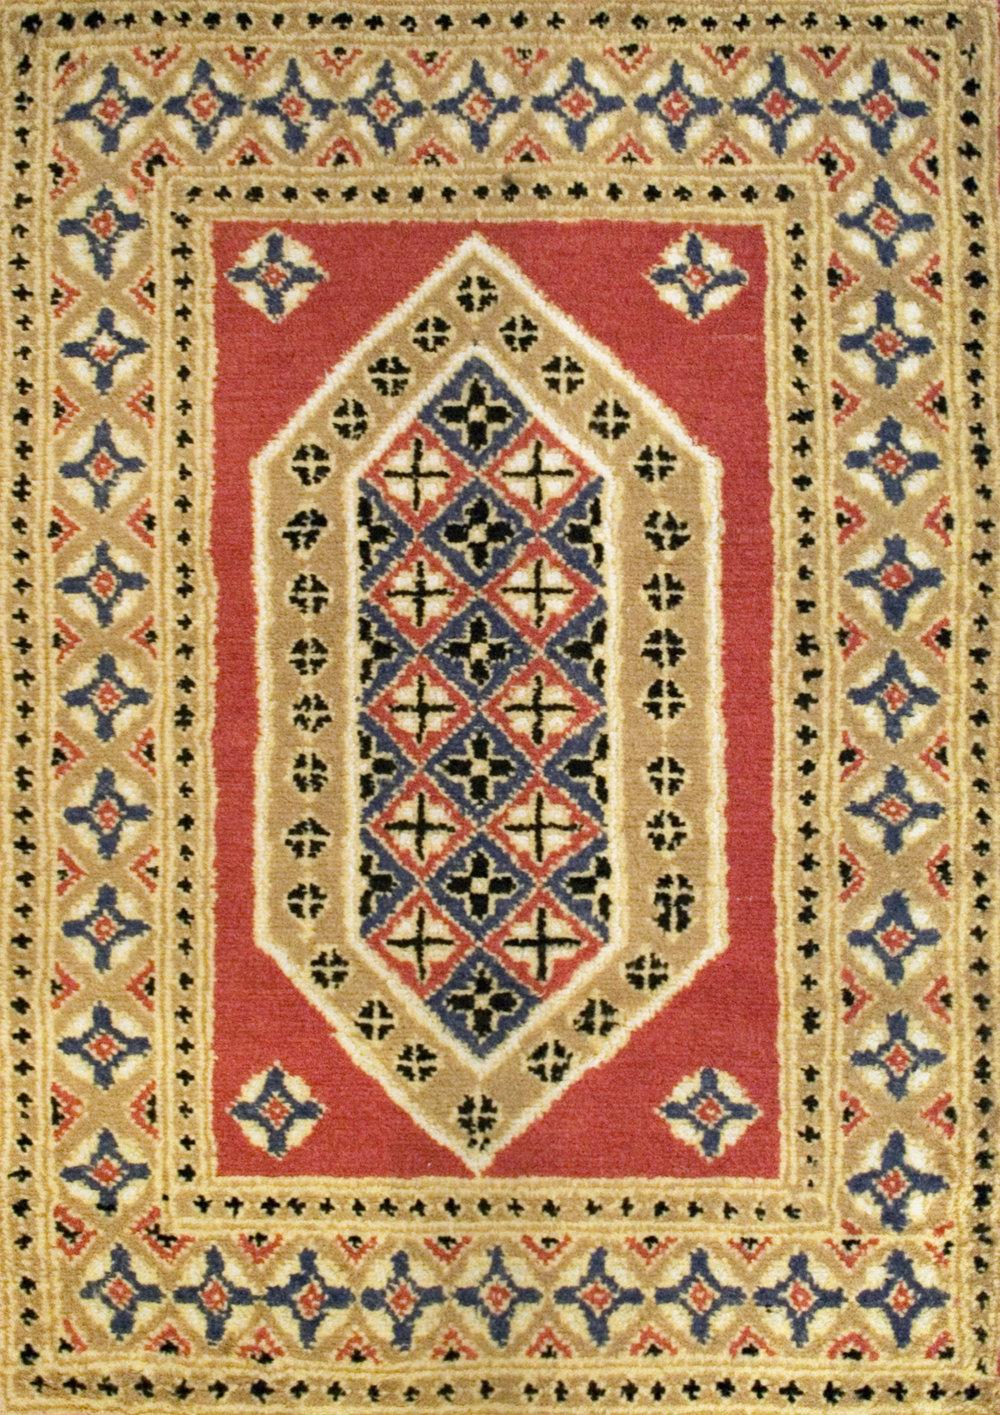 Cross Ornate Rug.jpg